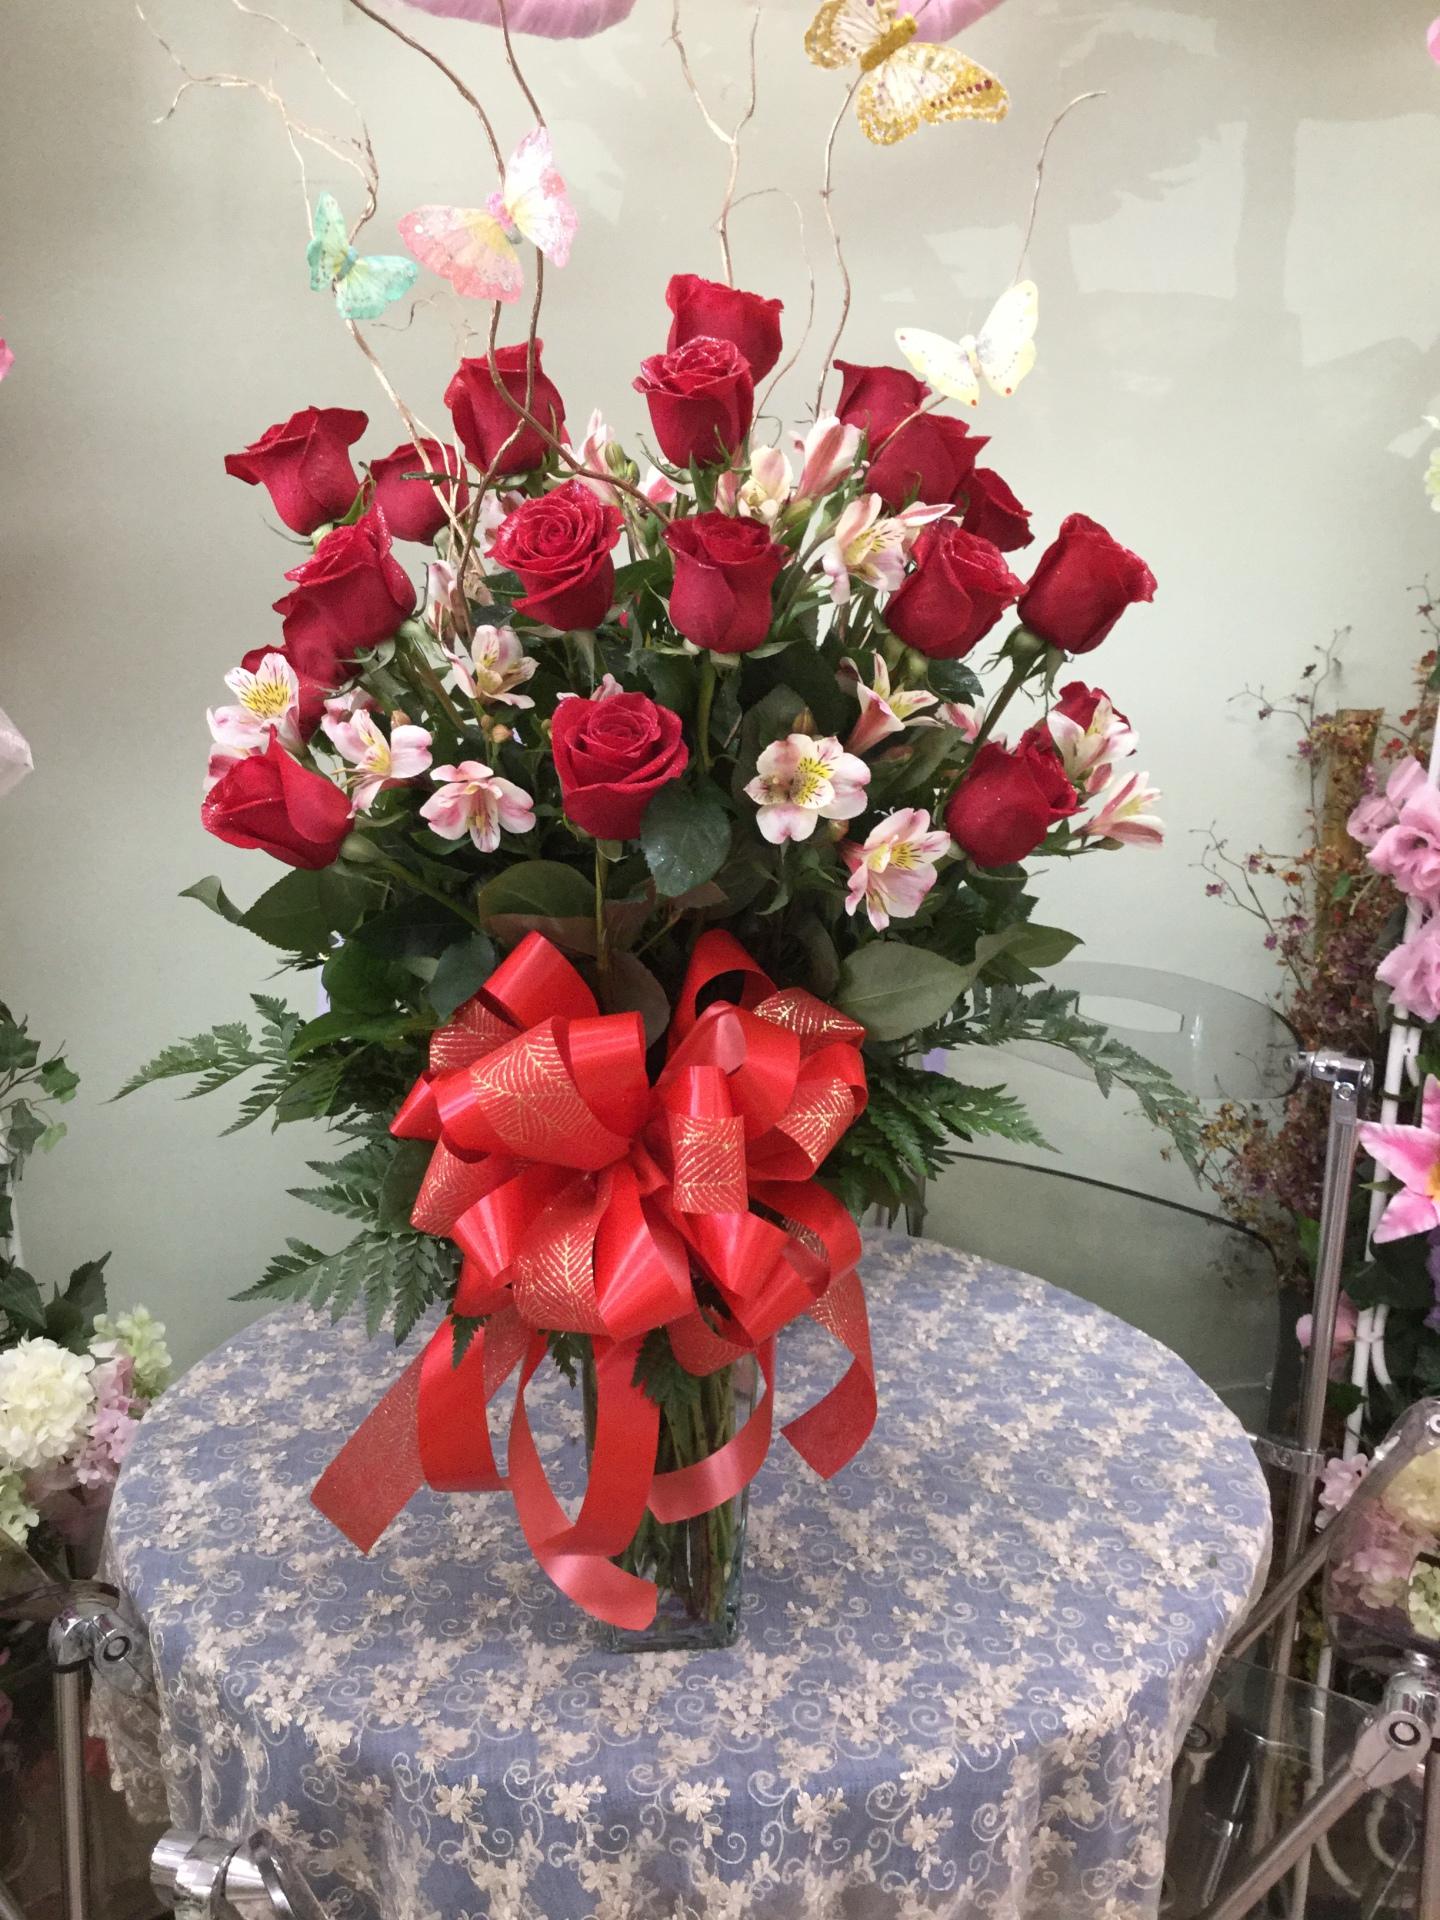 Eighteen Red Roses with Alstroemeria - Arrangement in Vase